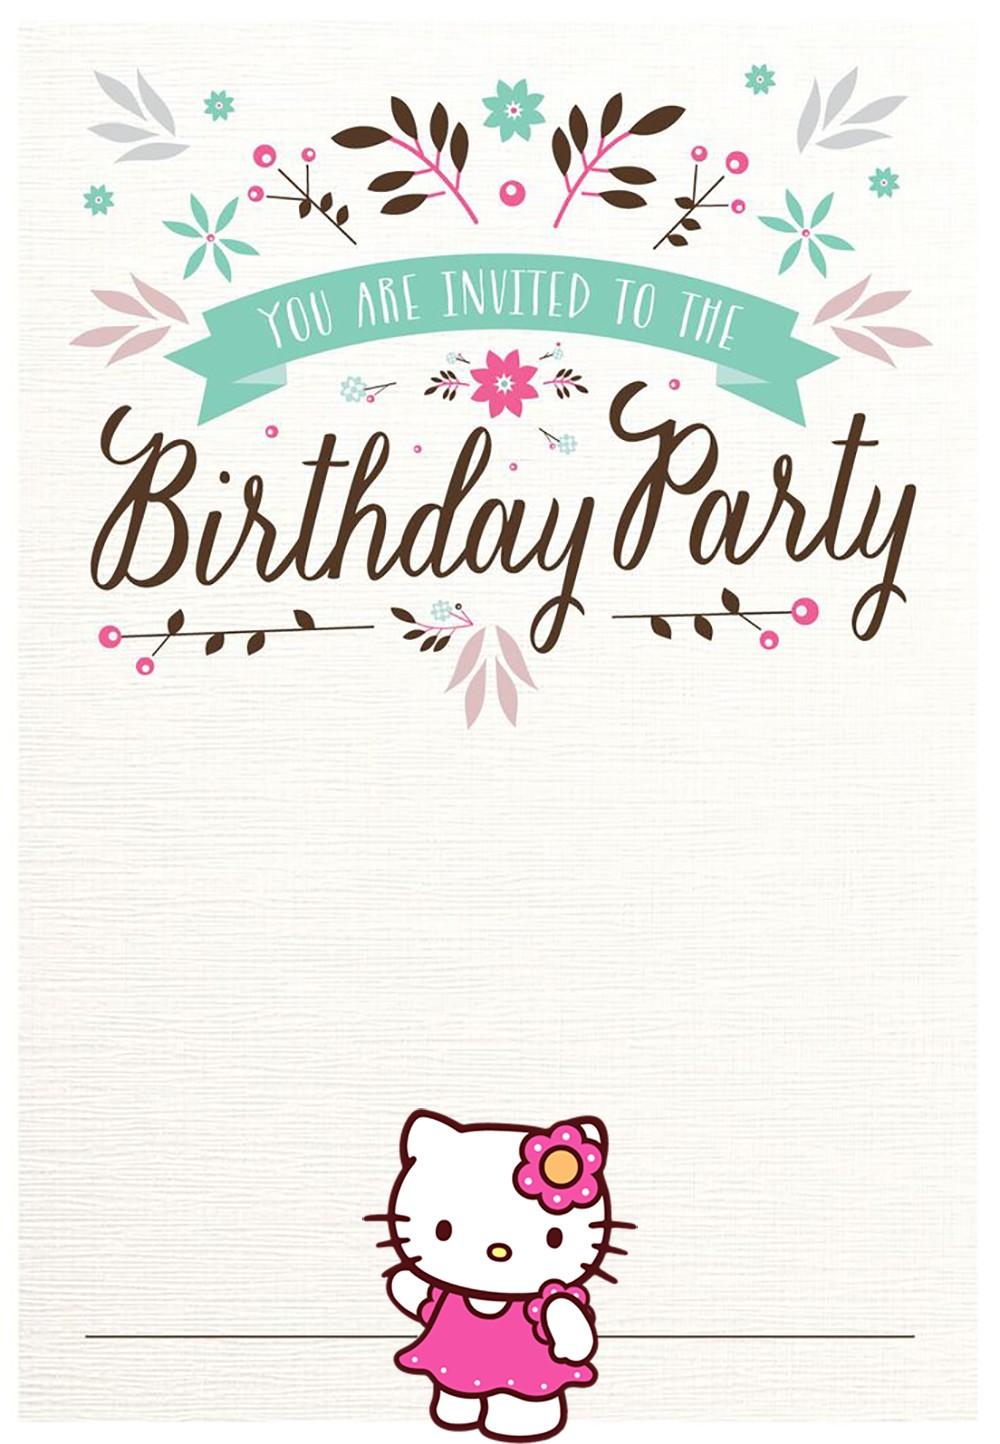 free hello kitty birthday party invitations templates